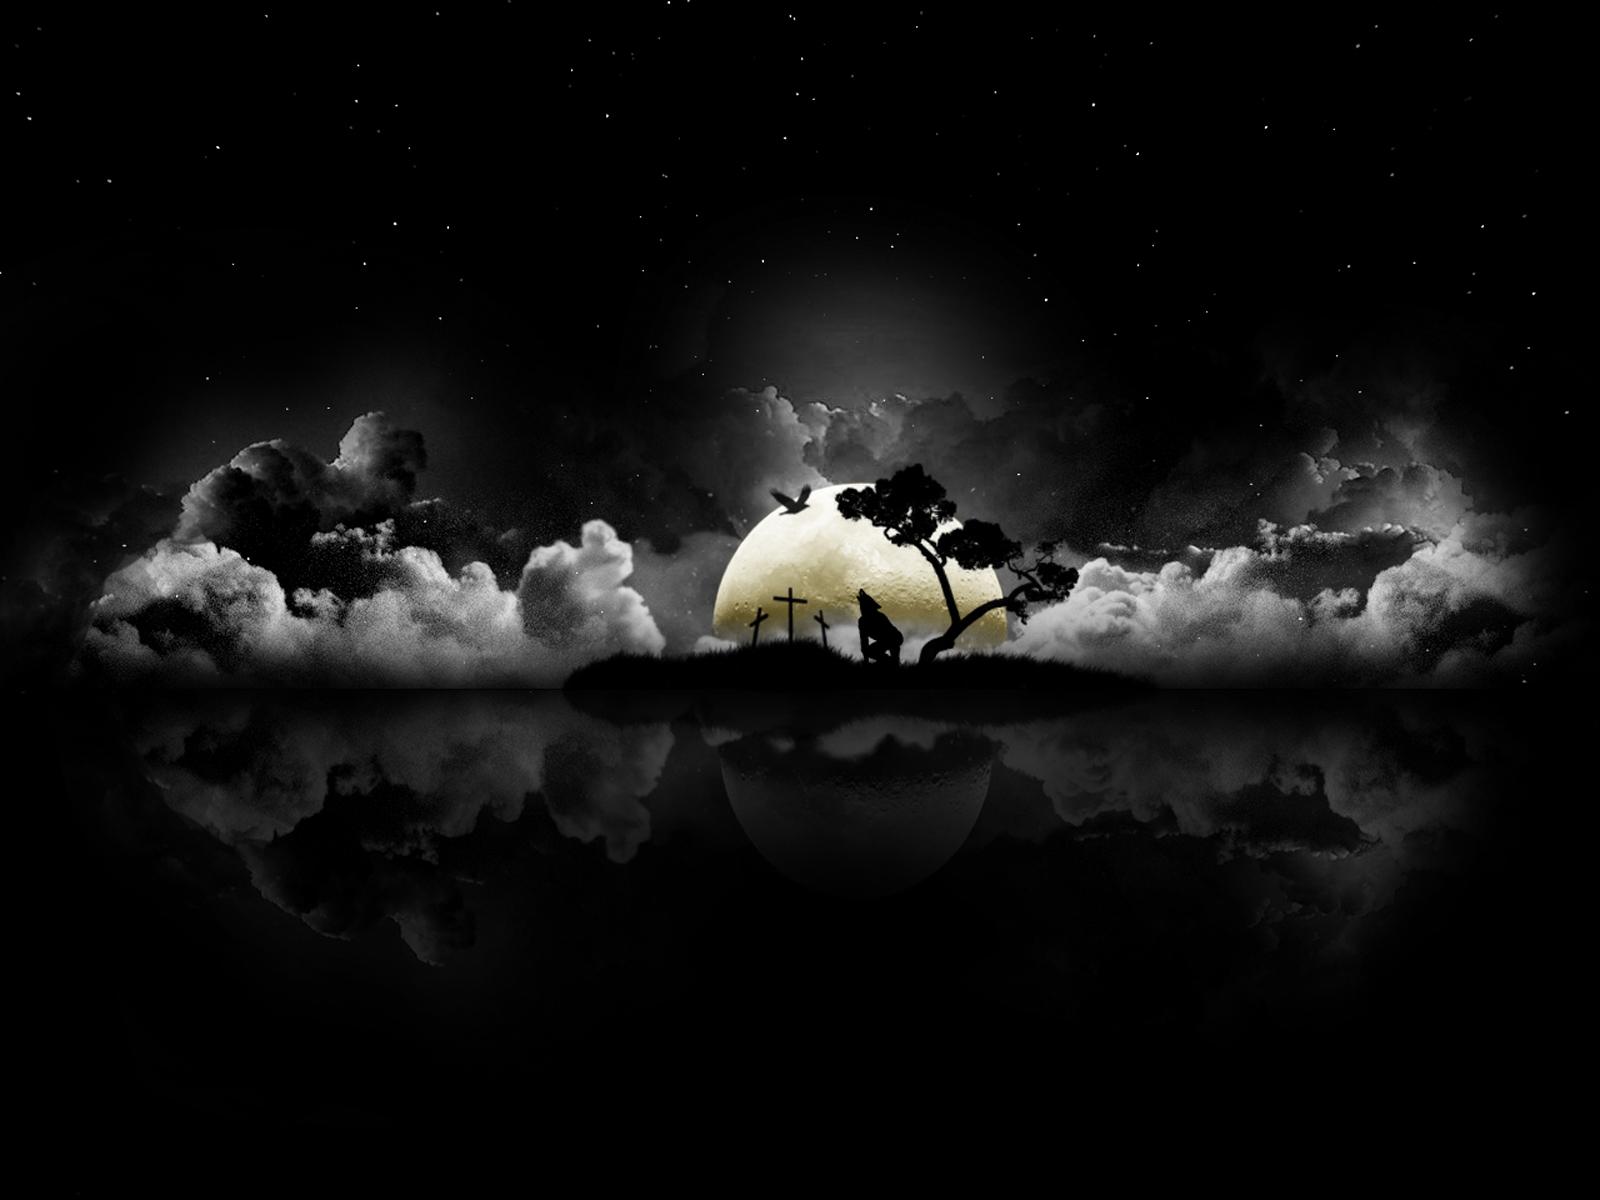 http://3.bp.blogspot.com/-USdUl2JxUwM/TjlmLZ_WGOI/AAAAAAAAC10/r6O_cIBKexM/s1600/HalloweenWeb-Wallpapers-Figure-in-the-Dark.jpg